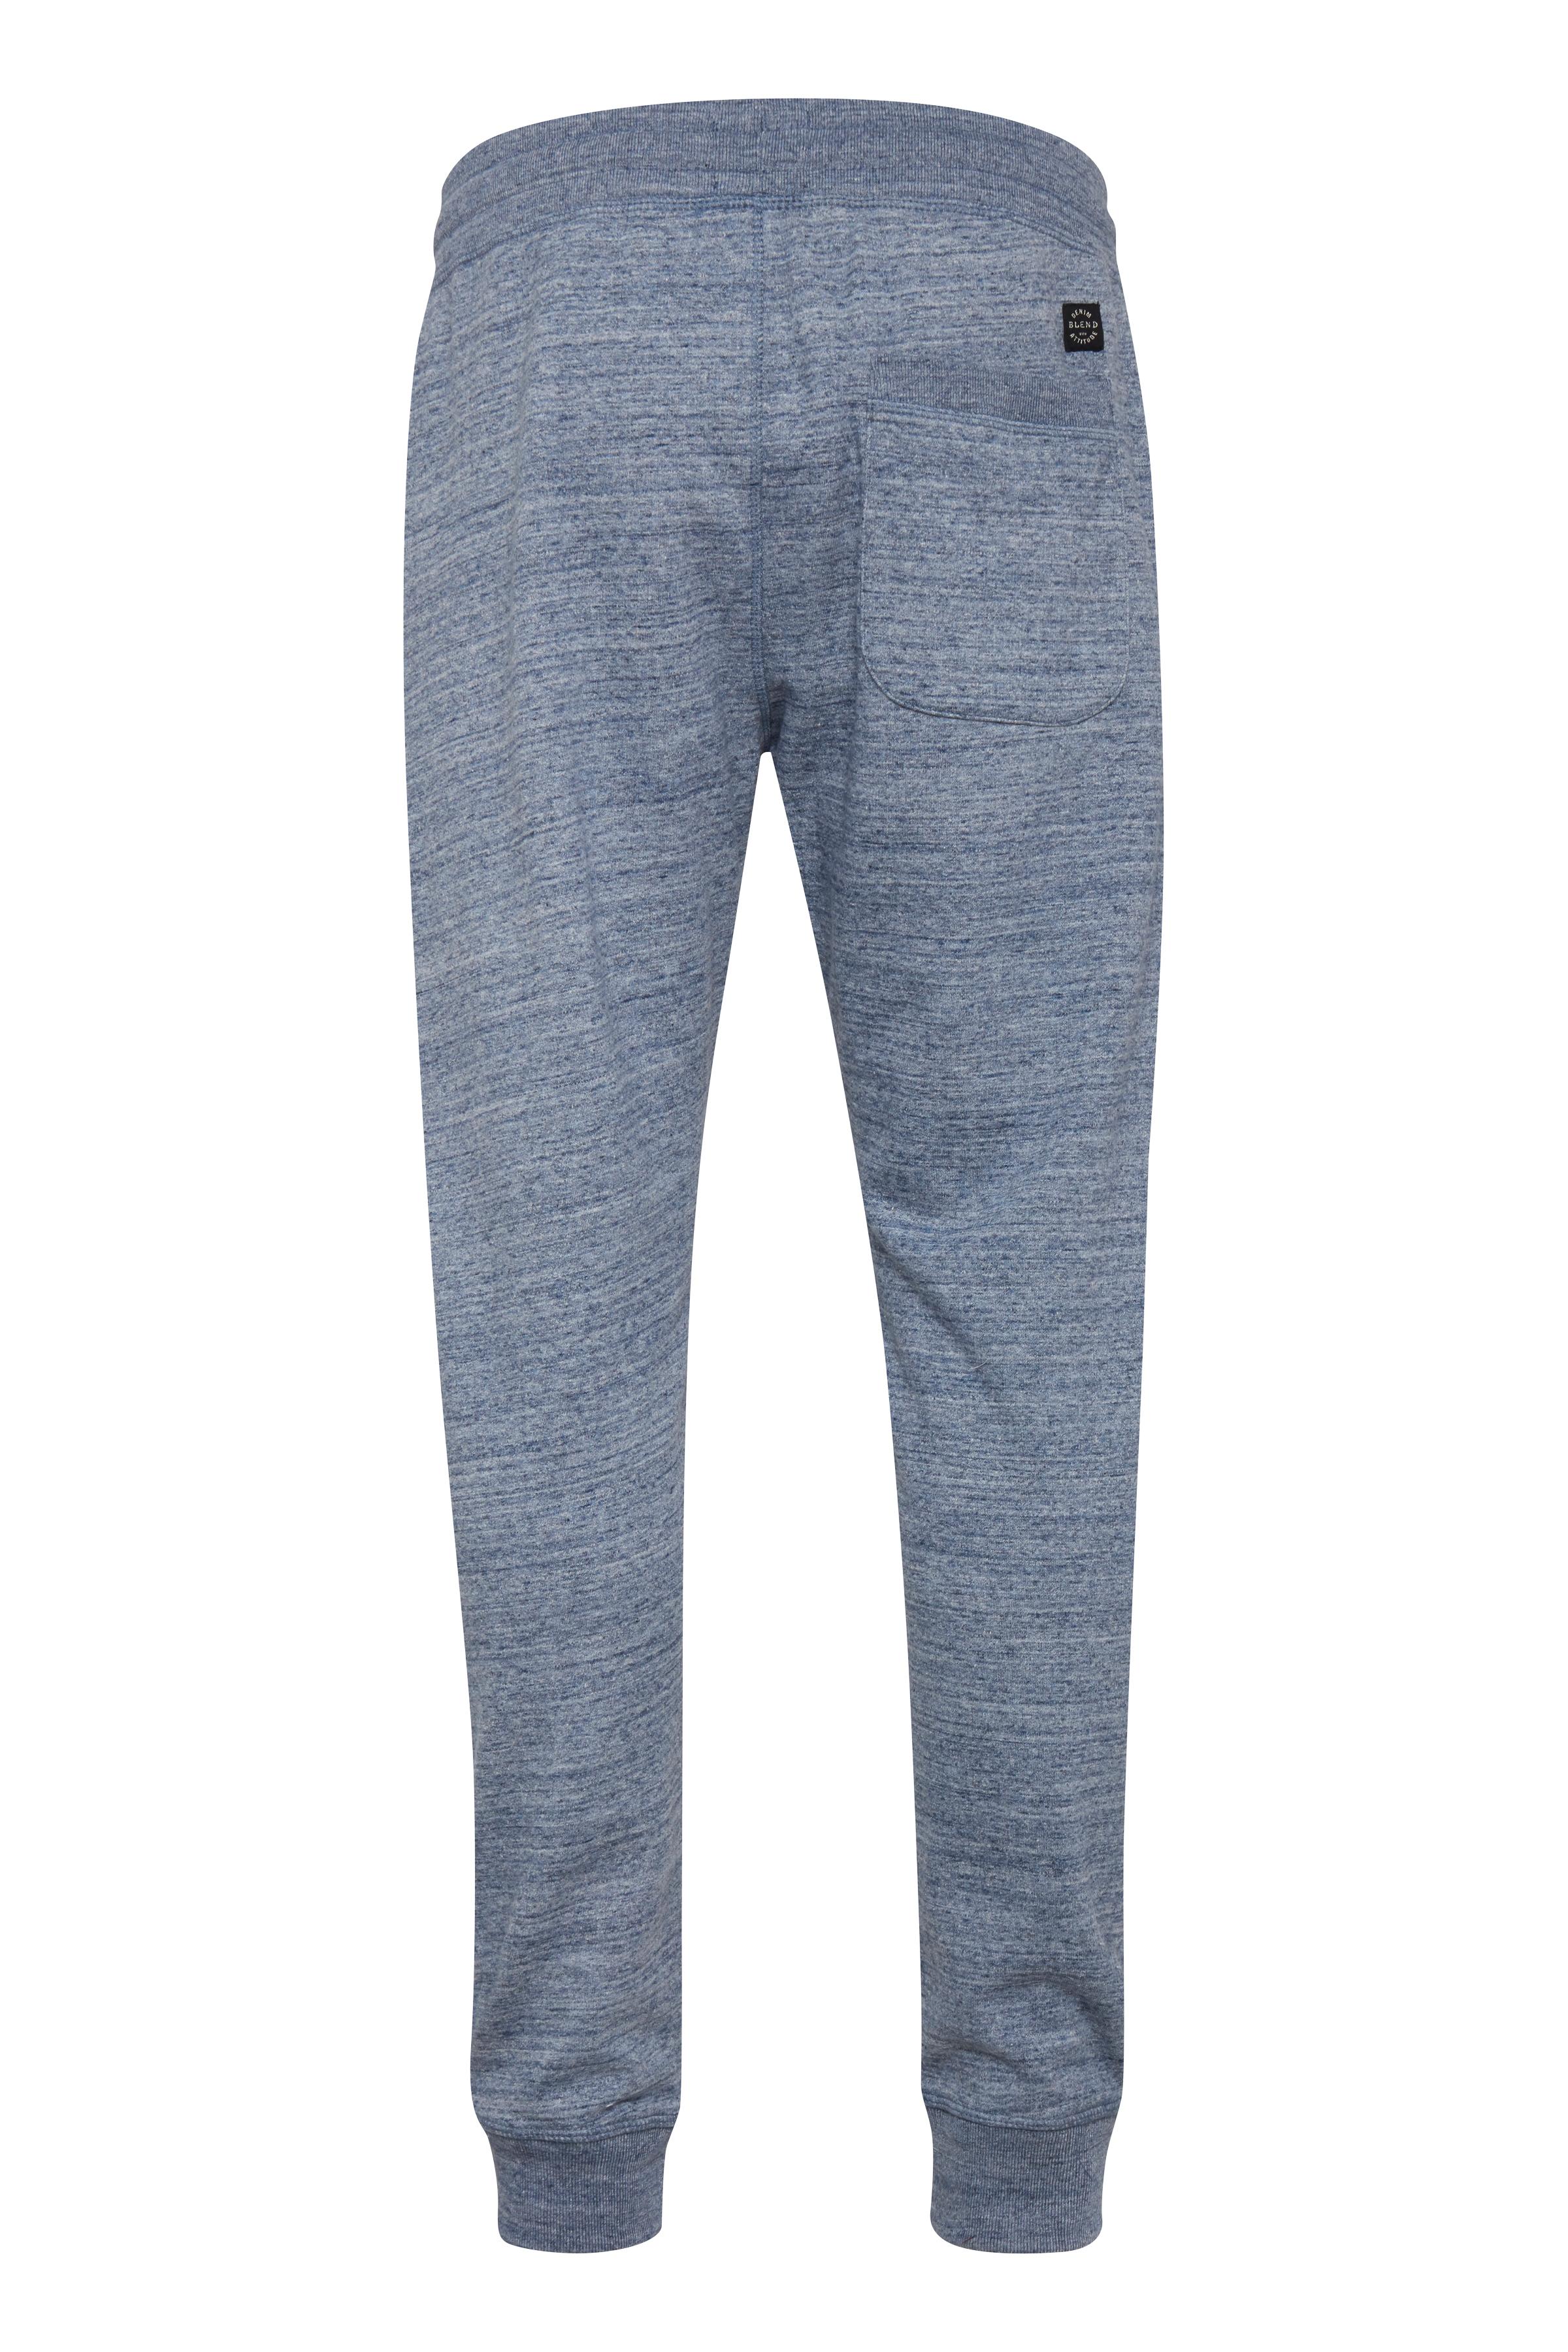 Dark Navy Blue Pants-knitted fra Blend He – Køb Dark Navy Blue Pants-knitted fra str. S-3XL her